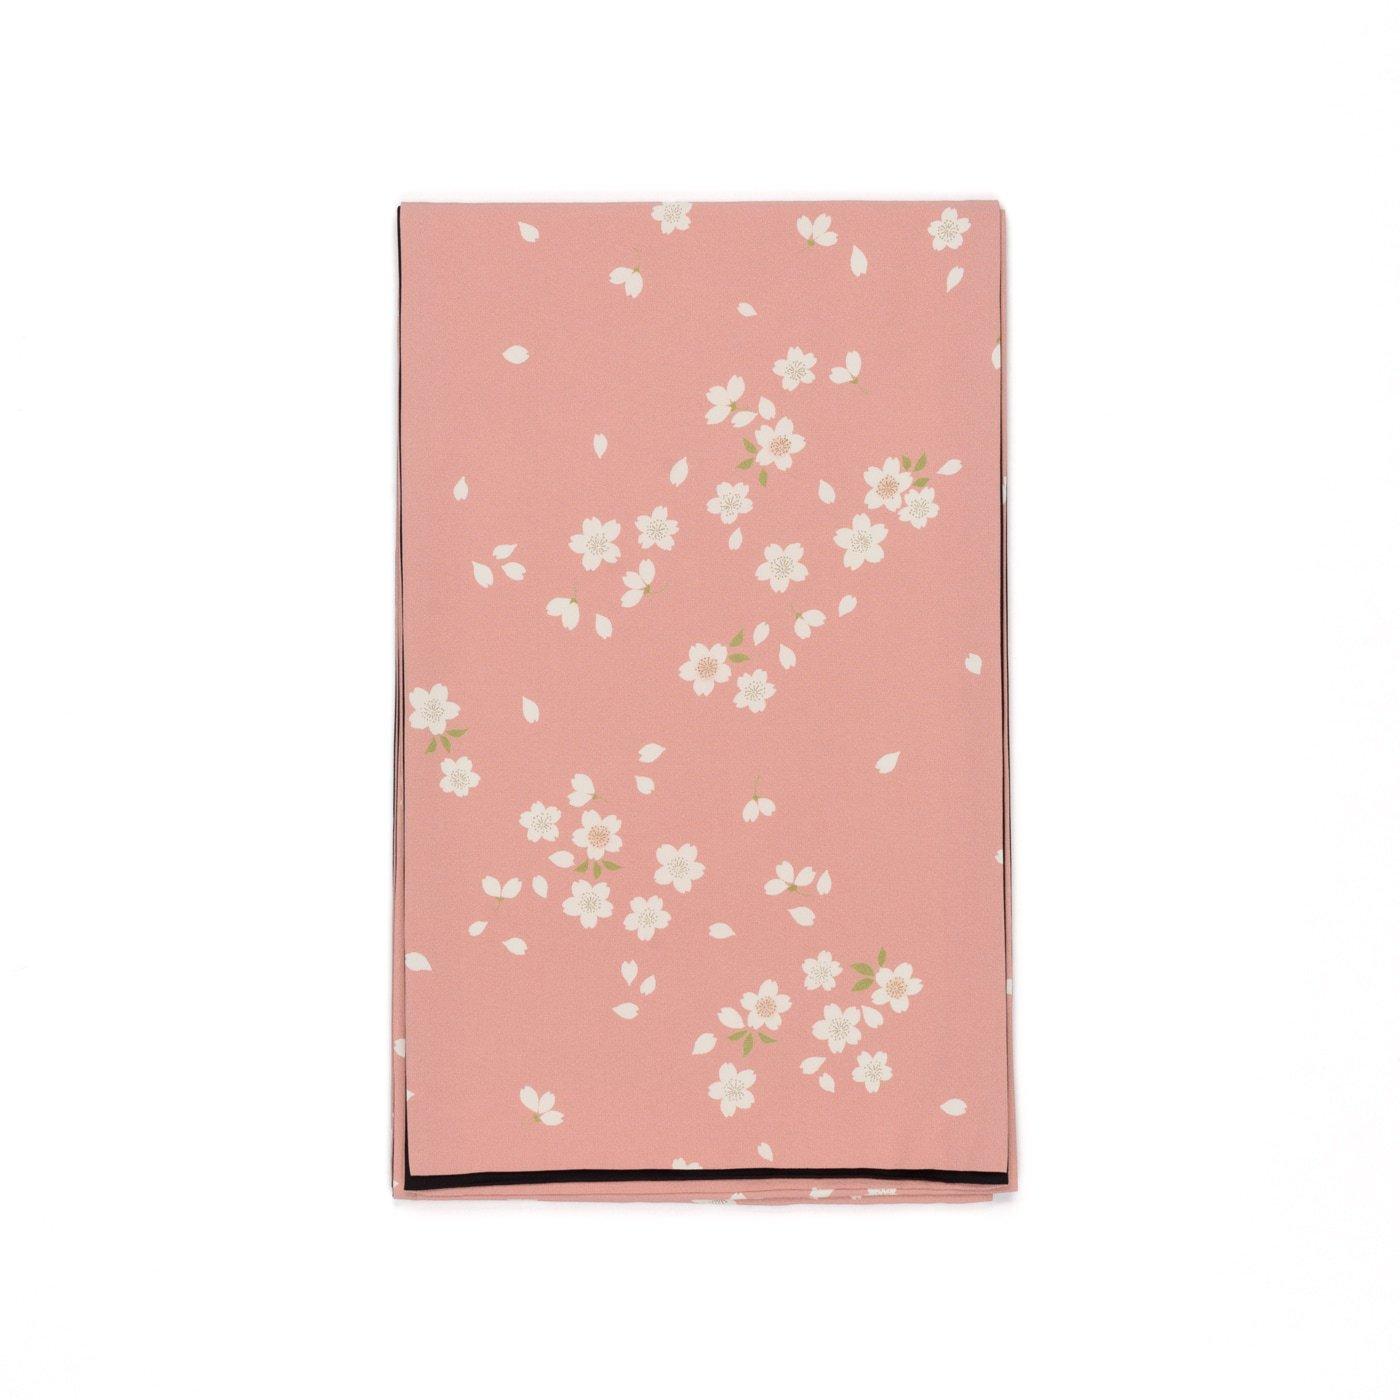 「洒落袋帯●可憐な桜」の商品画像